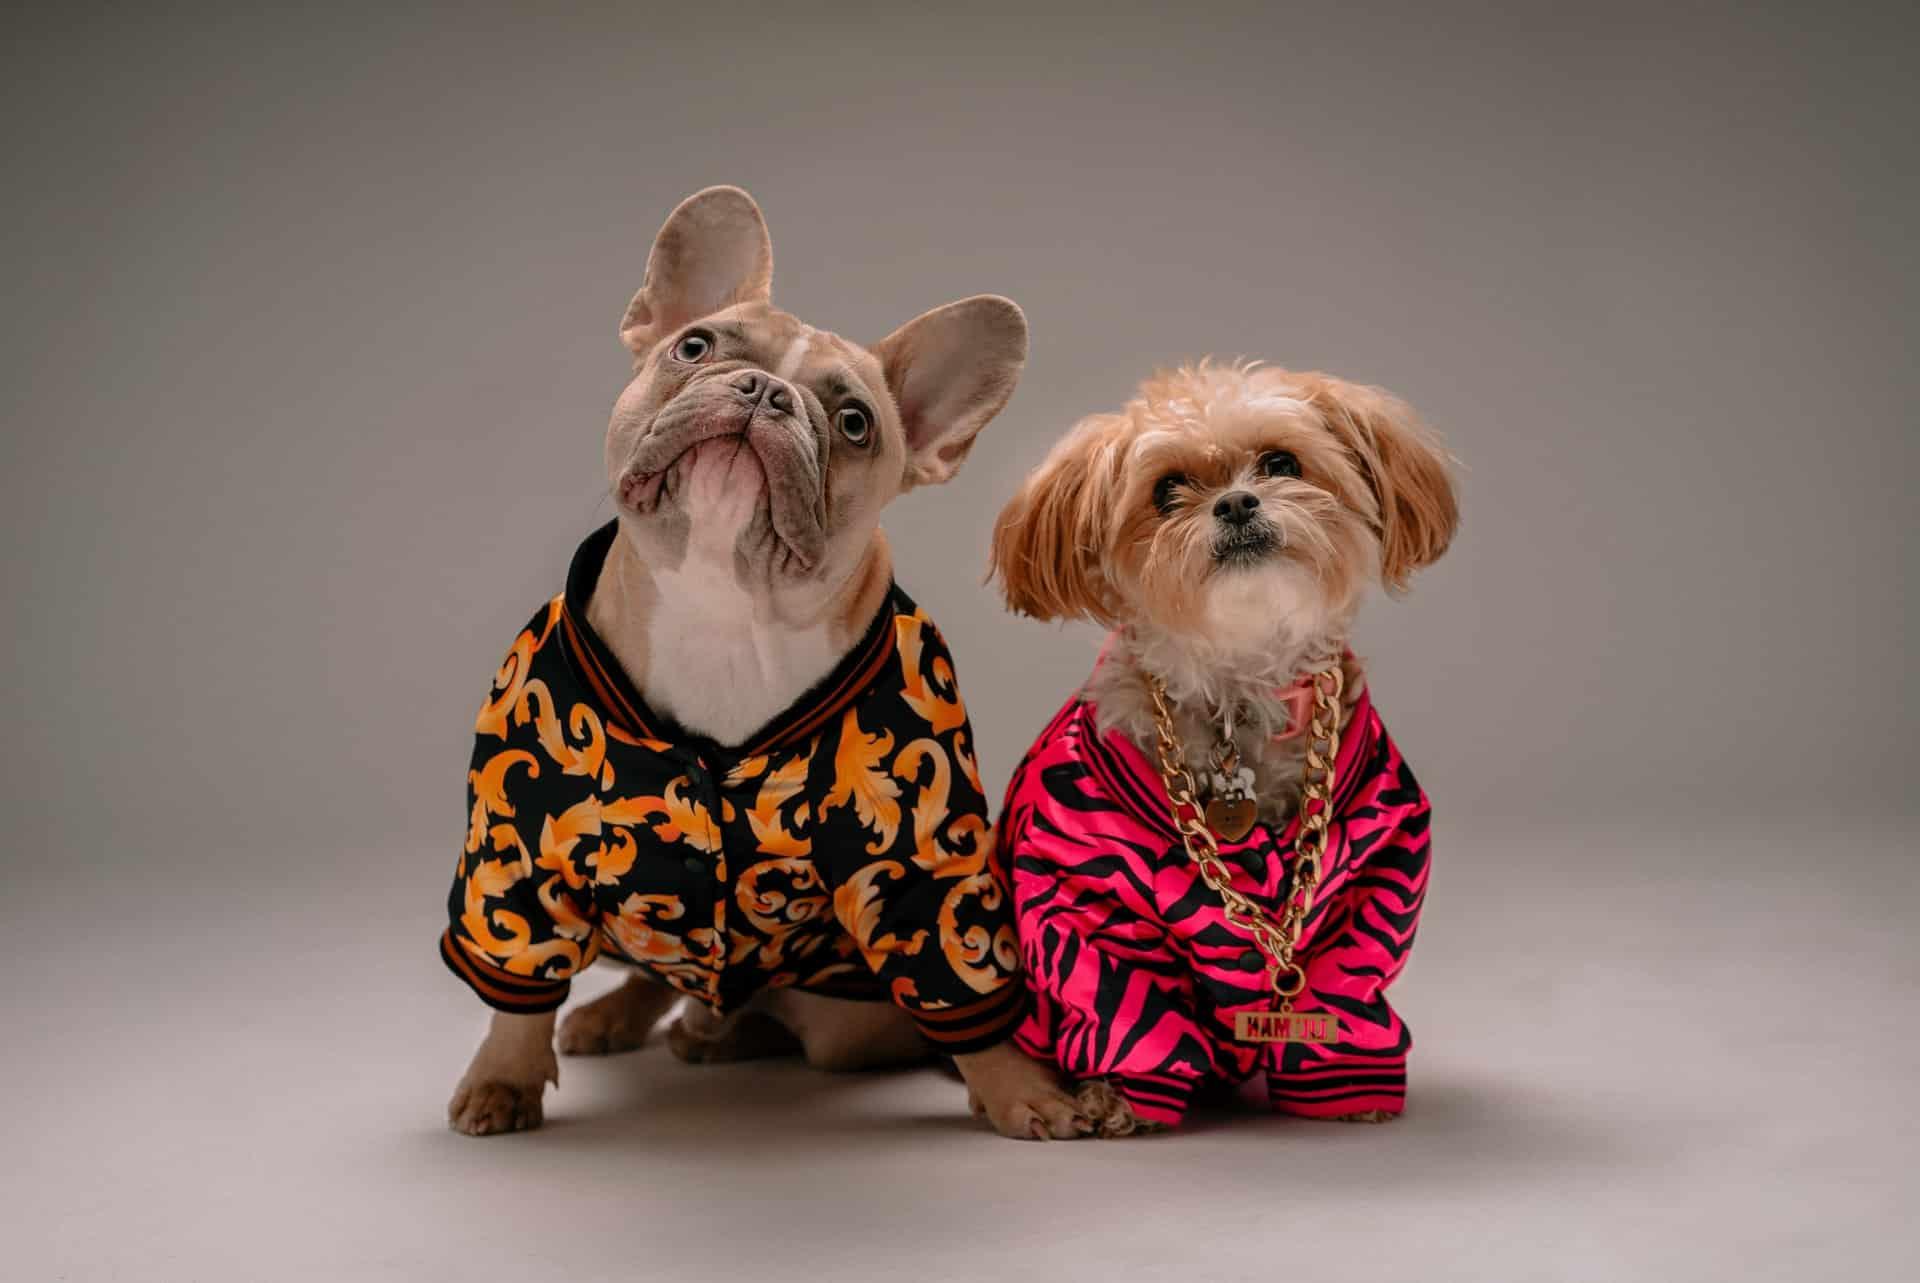 Dos perros con trajes llamativos